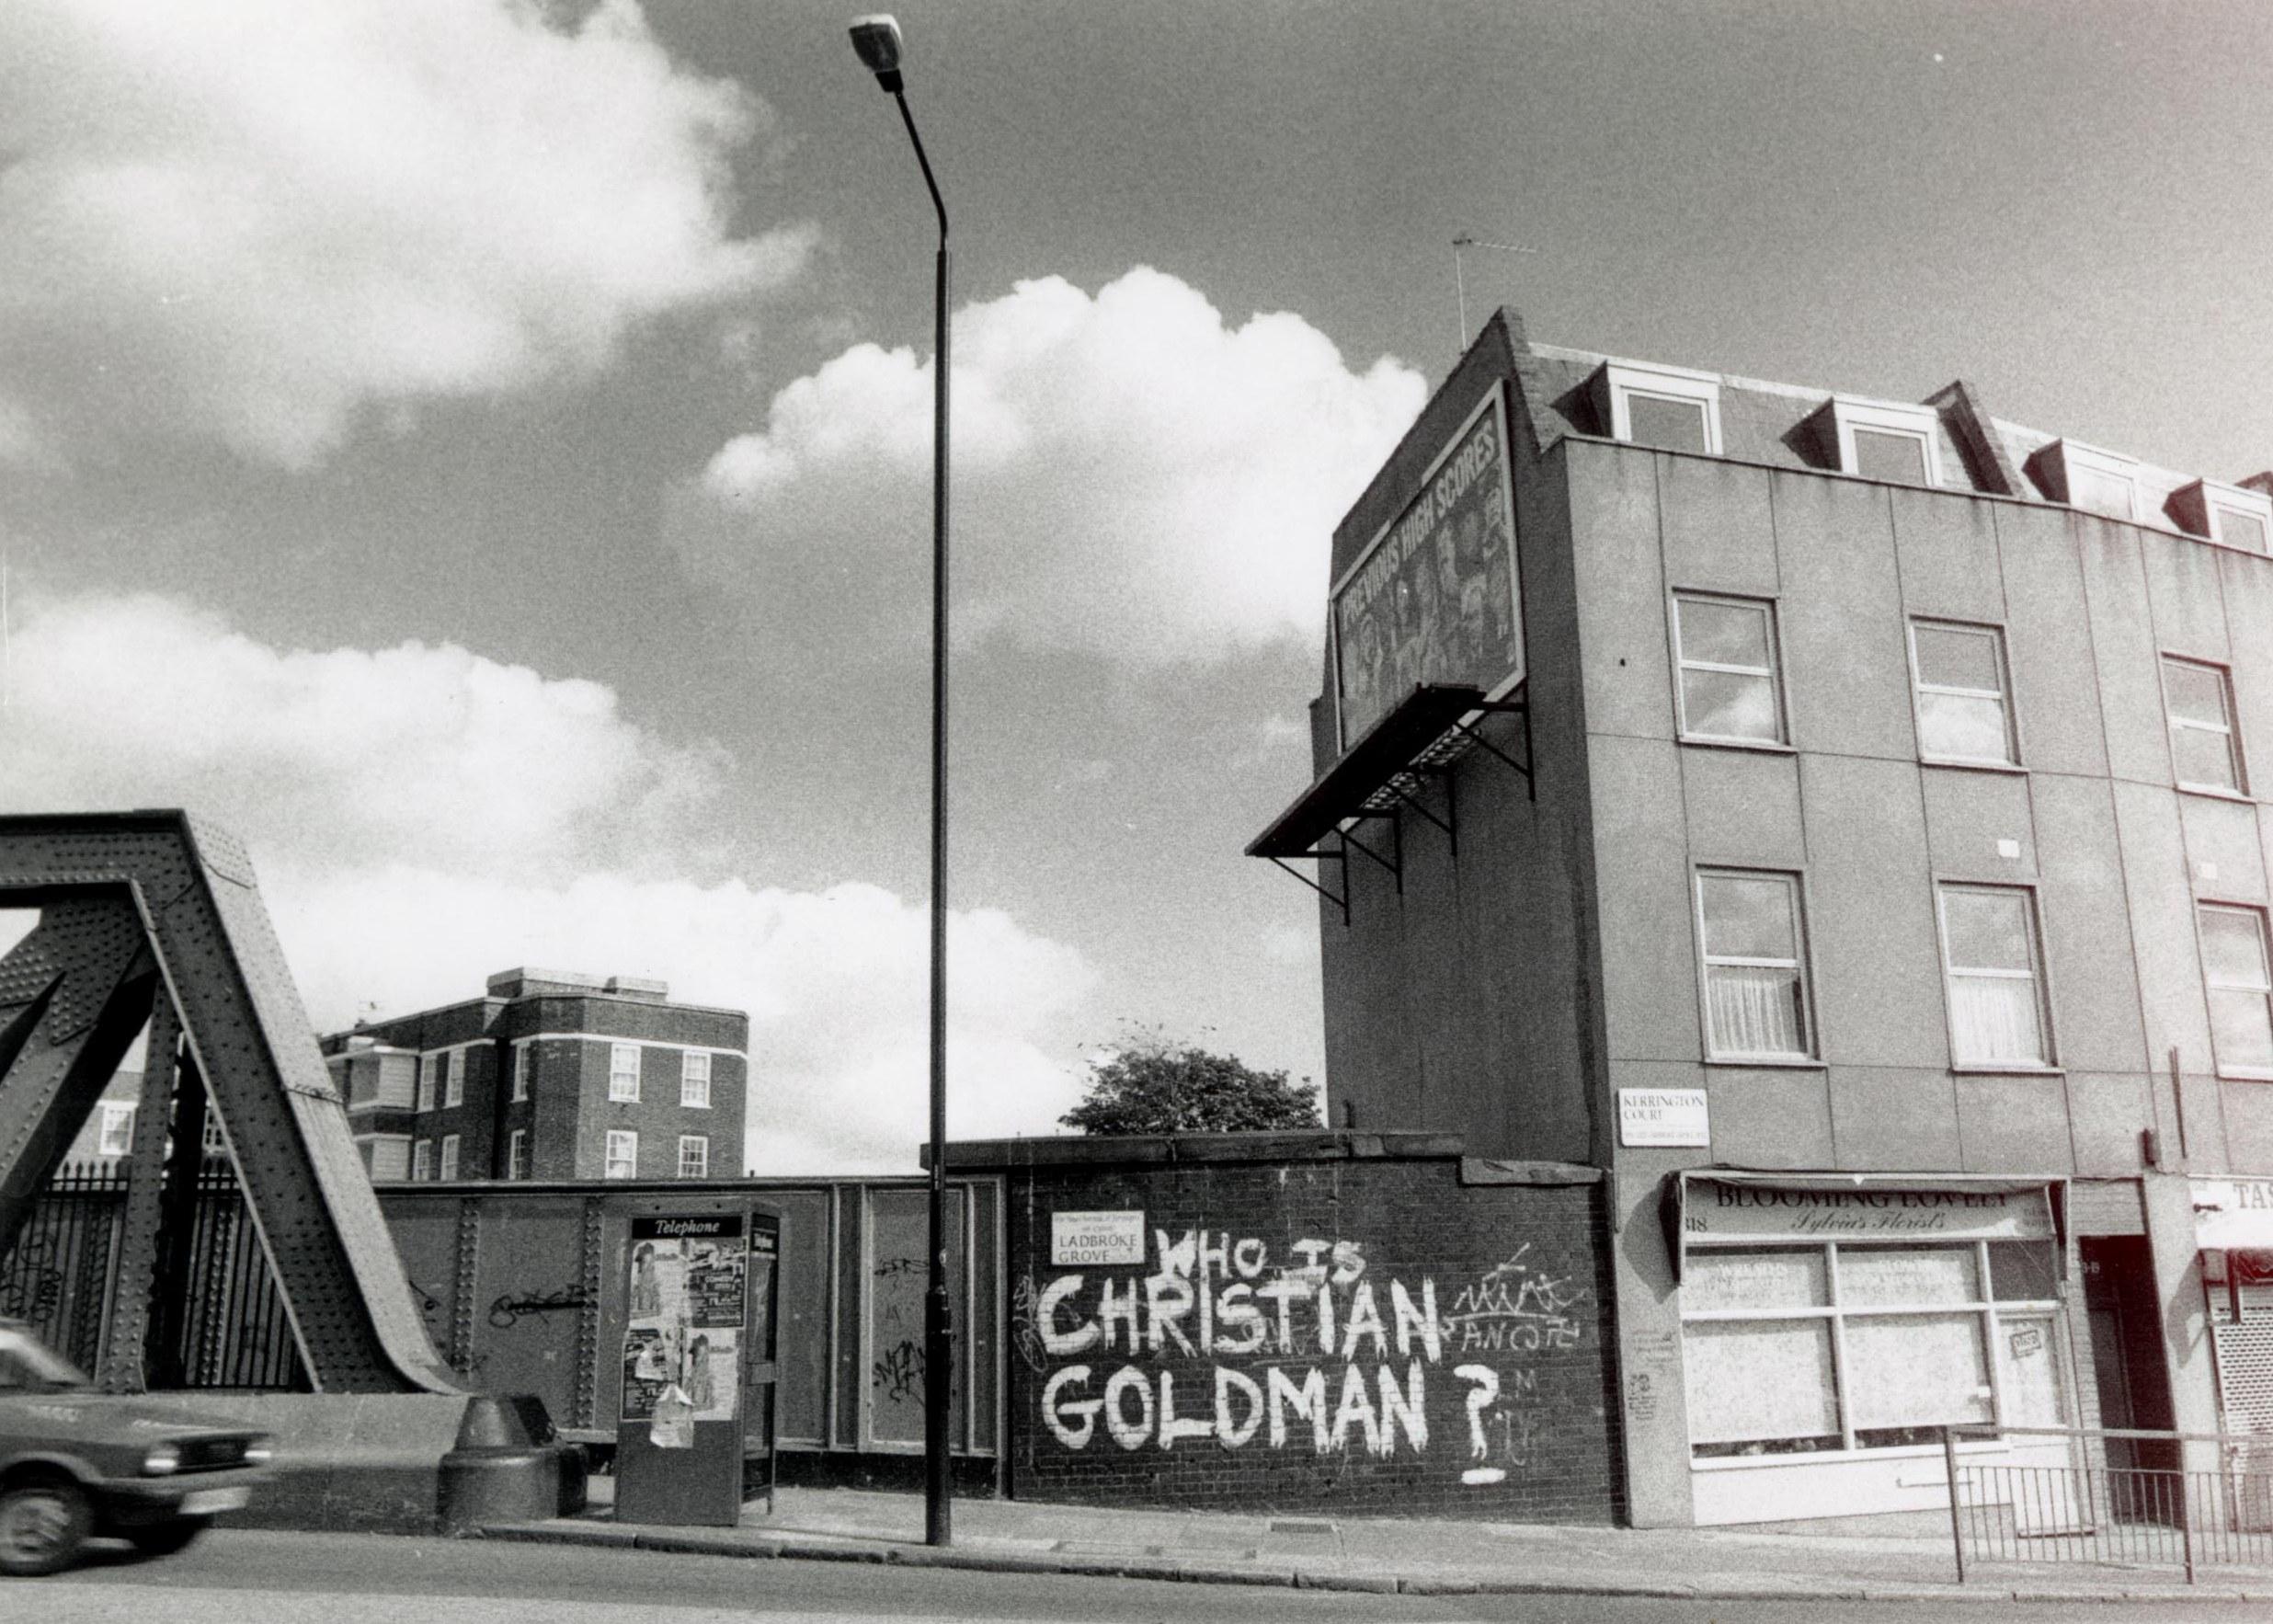 c-goldman-lad-gr-bridge-95-snyder